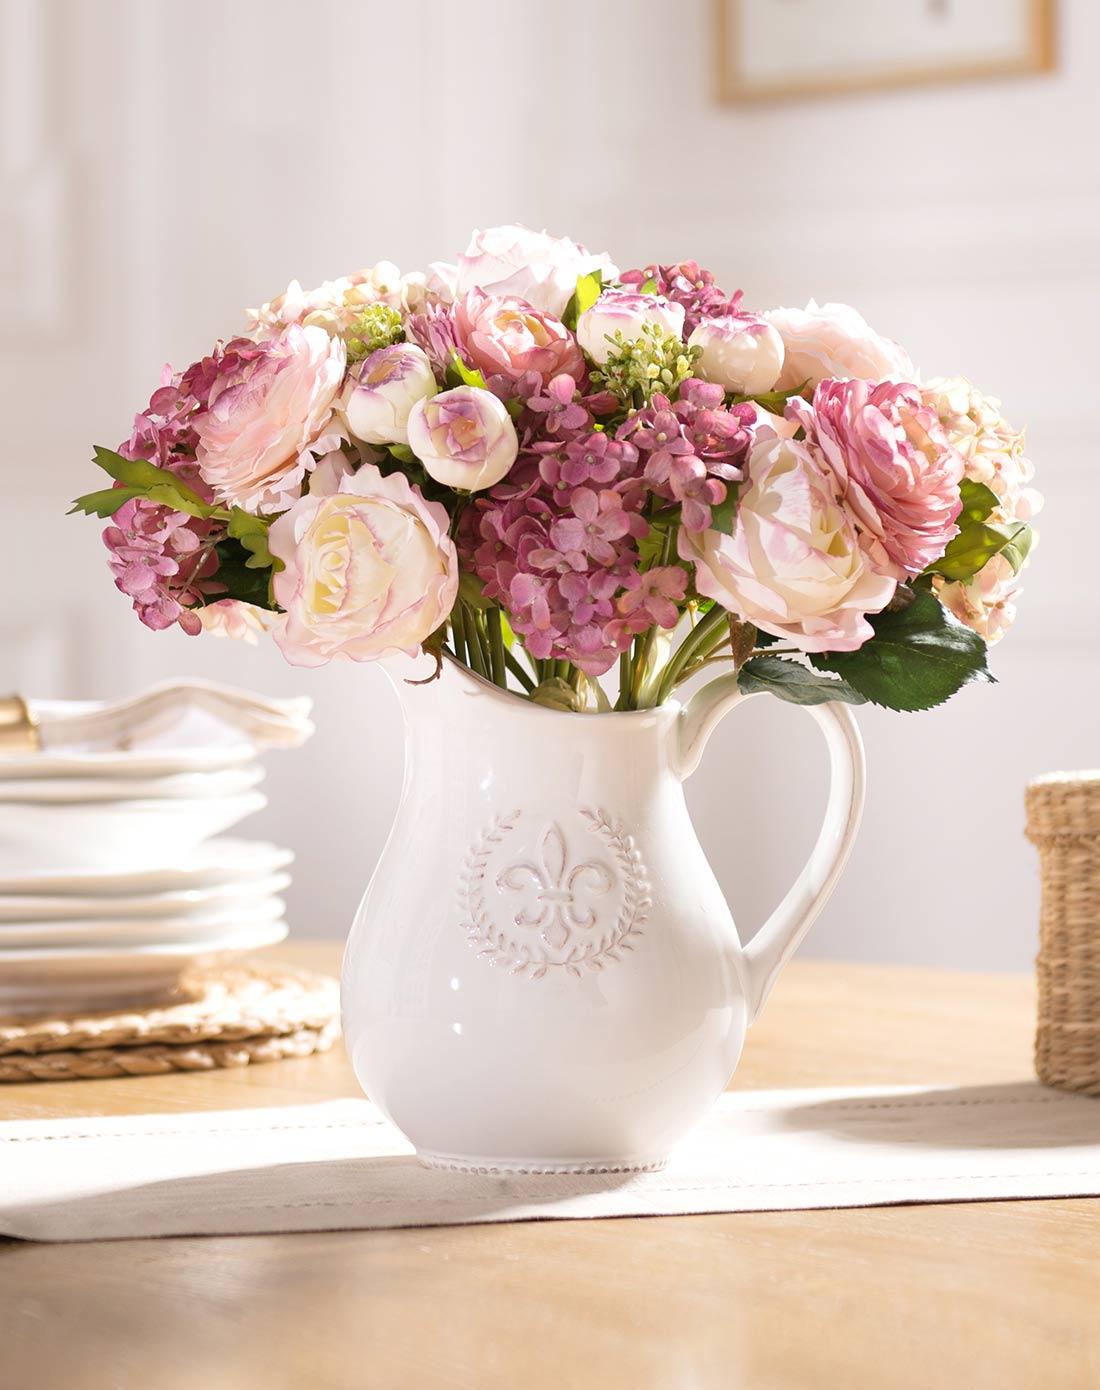 白瓷浮雕水壶花瓶城徽配露莲绣球花束3束